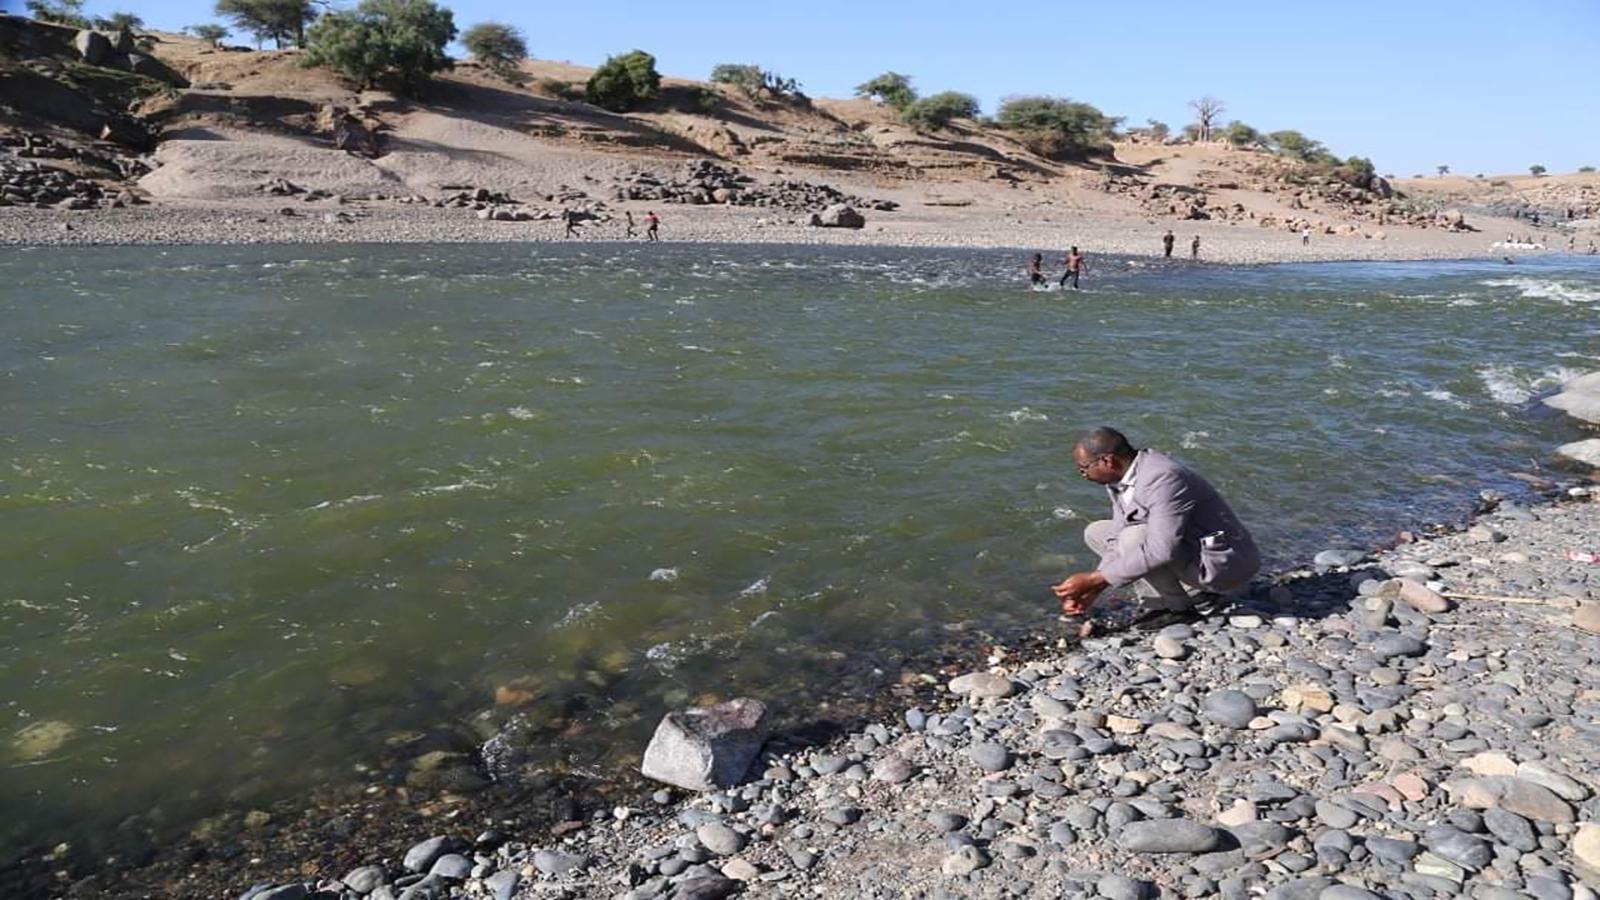 العثور على 30 جثة على ضفتي نهر بين السودان وإقليم تيغراي الإثيوبي